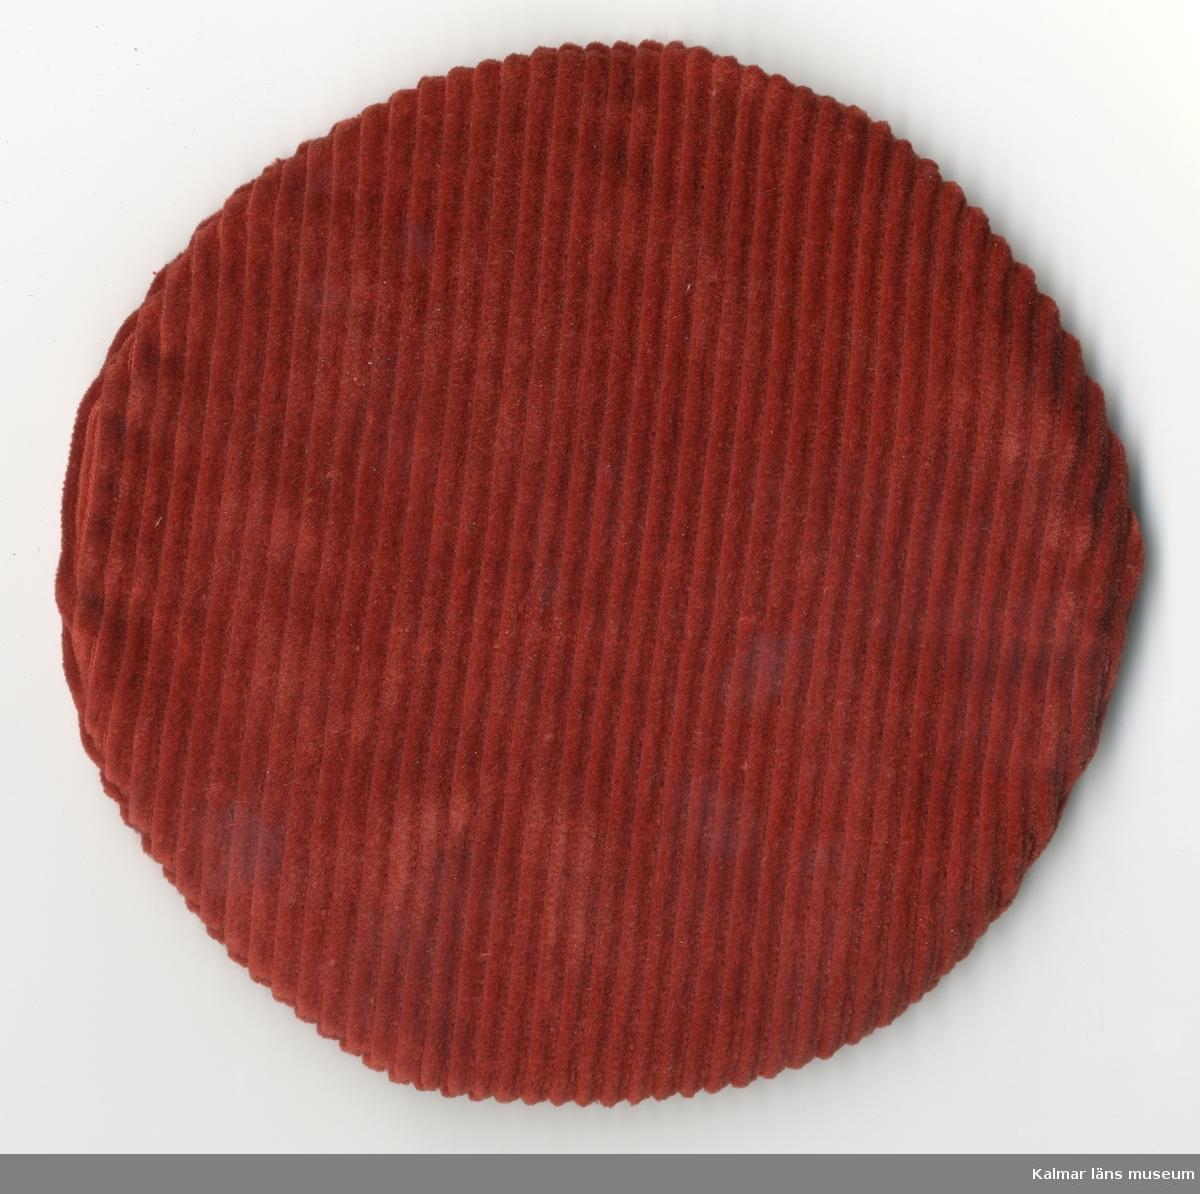 KLM 28082:307  Dockhuvudbonad, dockbasker, av textil, bomull, bredspårig manschester, röd.